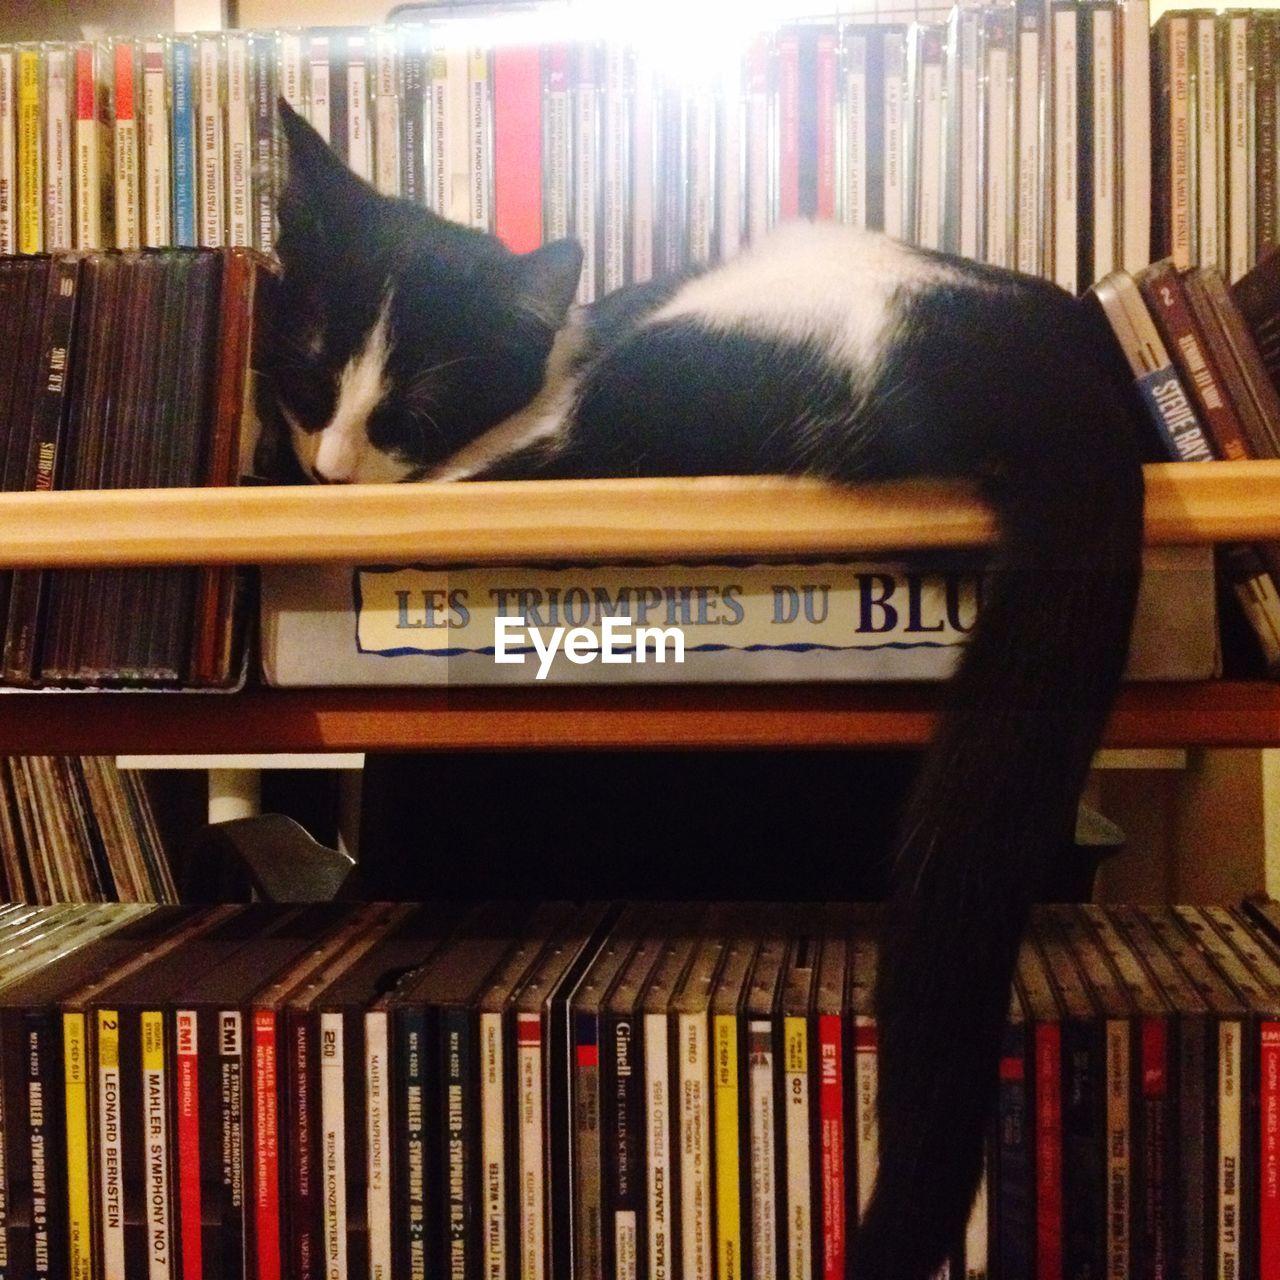 Cat relaxing on bookshelf